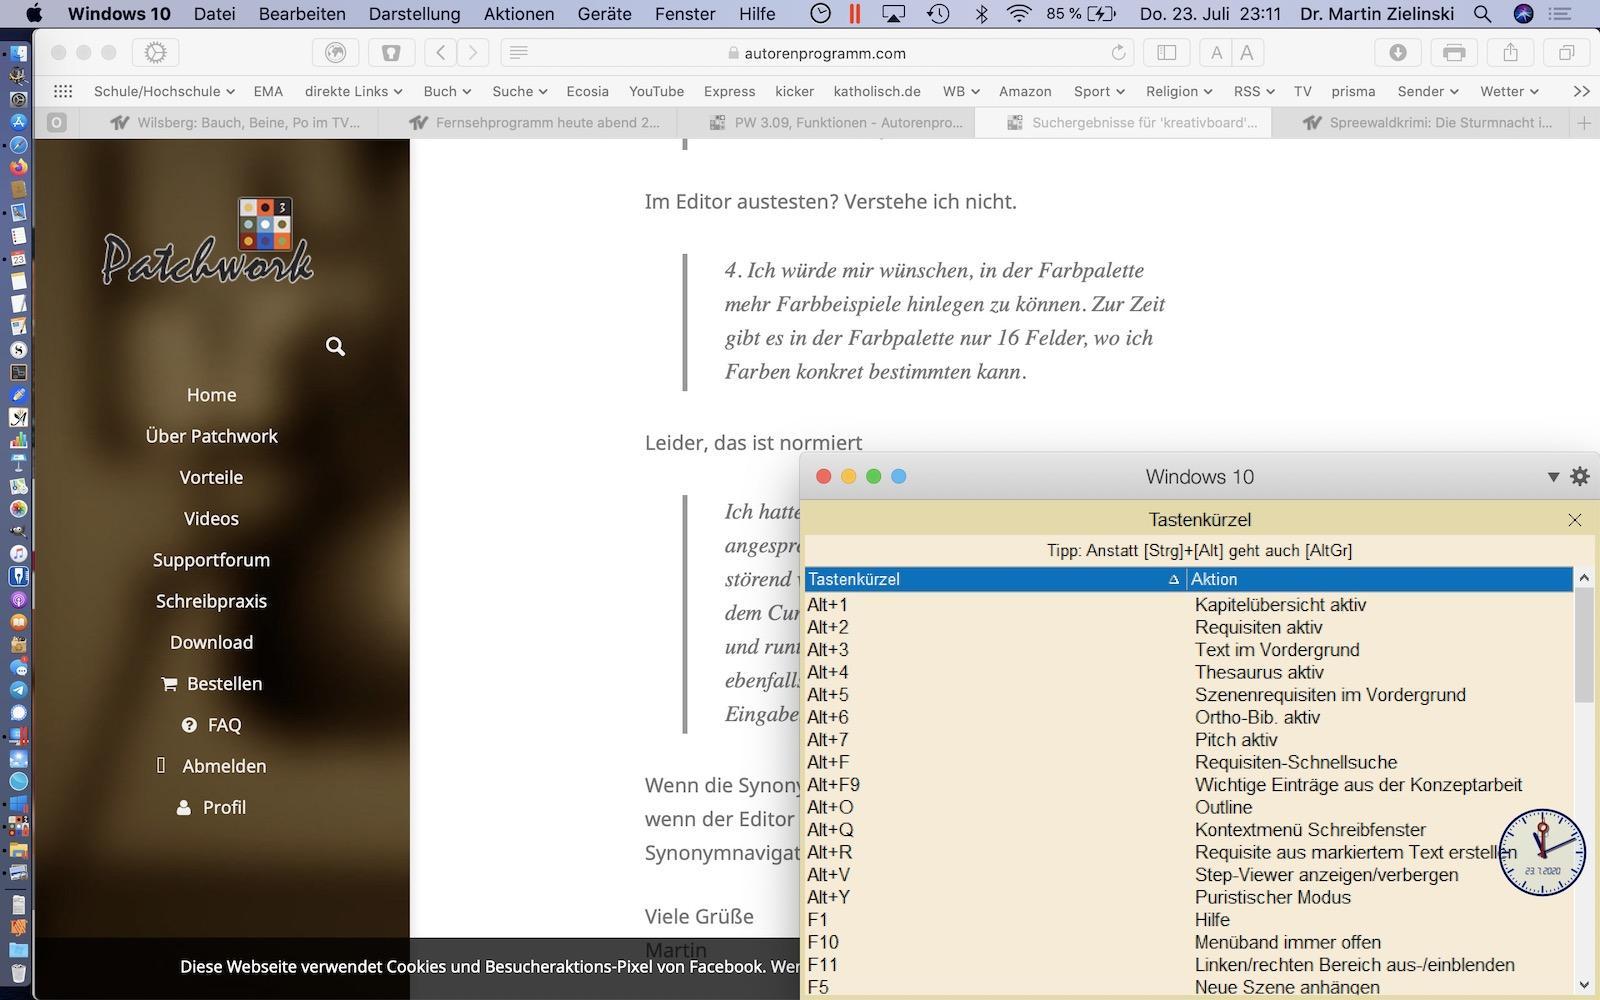 Bildschirmfoto 2020-07-23 um 23.11.58